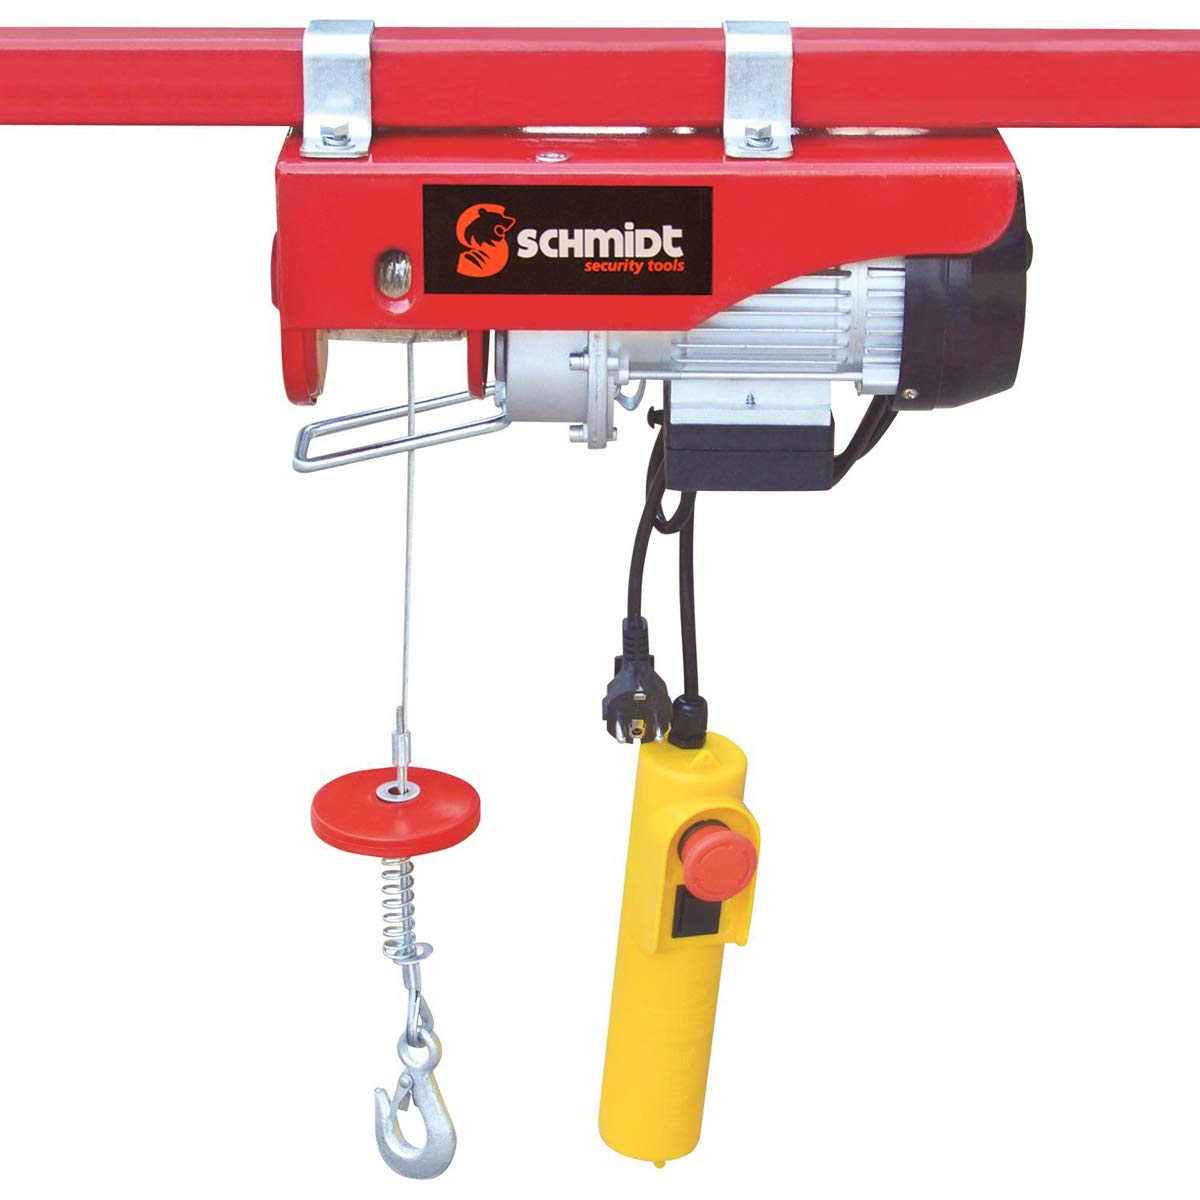 Elektrische Seilwinde Motorwinde Flaschenzug Kran Seilzug Winde für bis 200 kg 12m Stahlseil SCHMIDT security tools